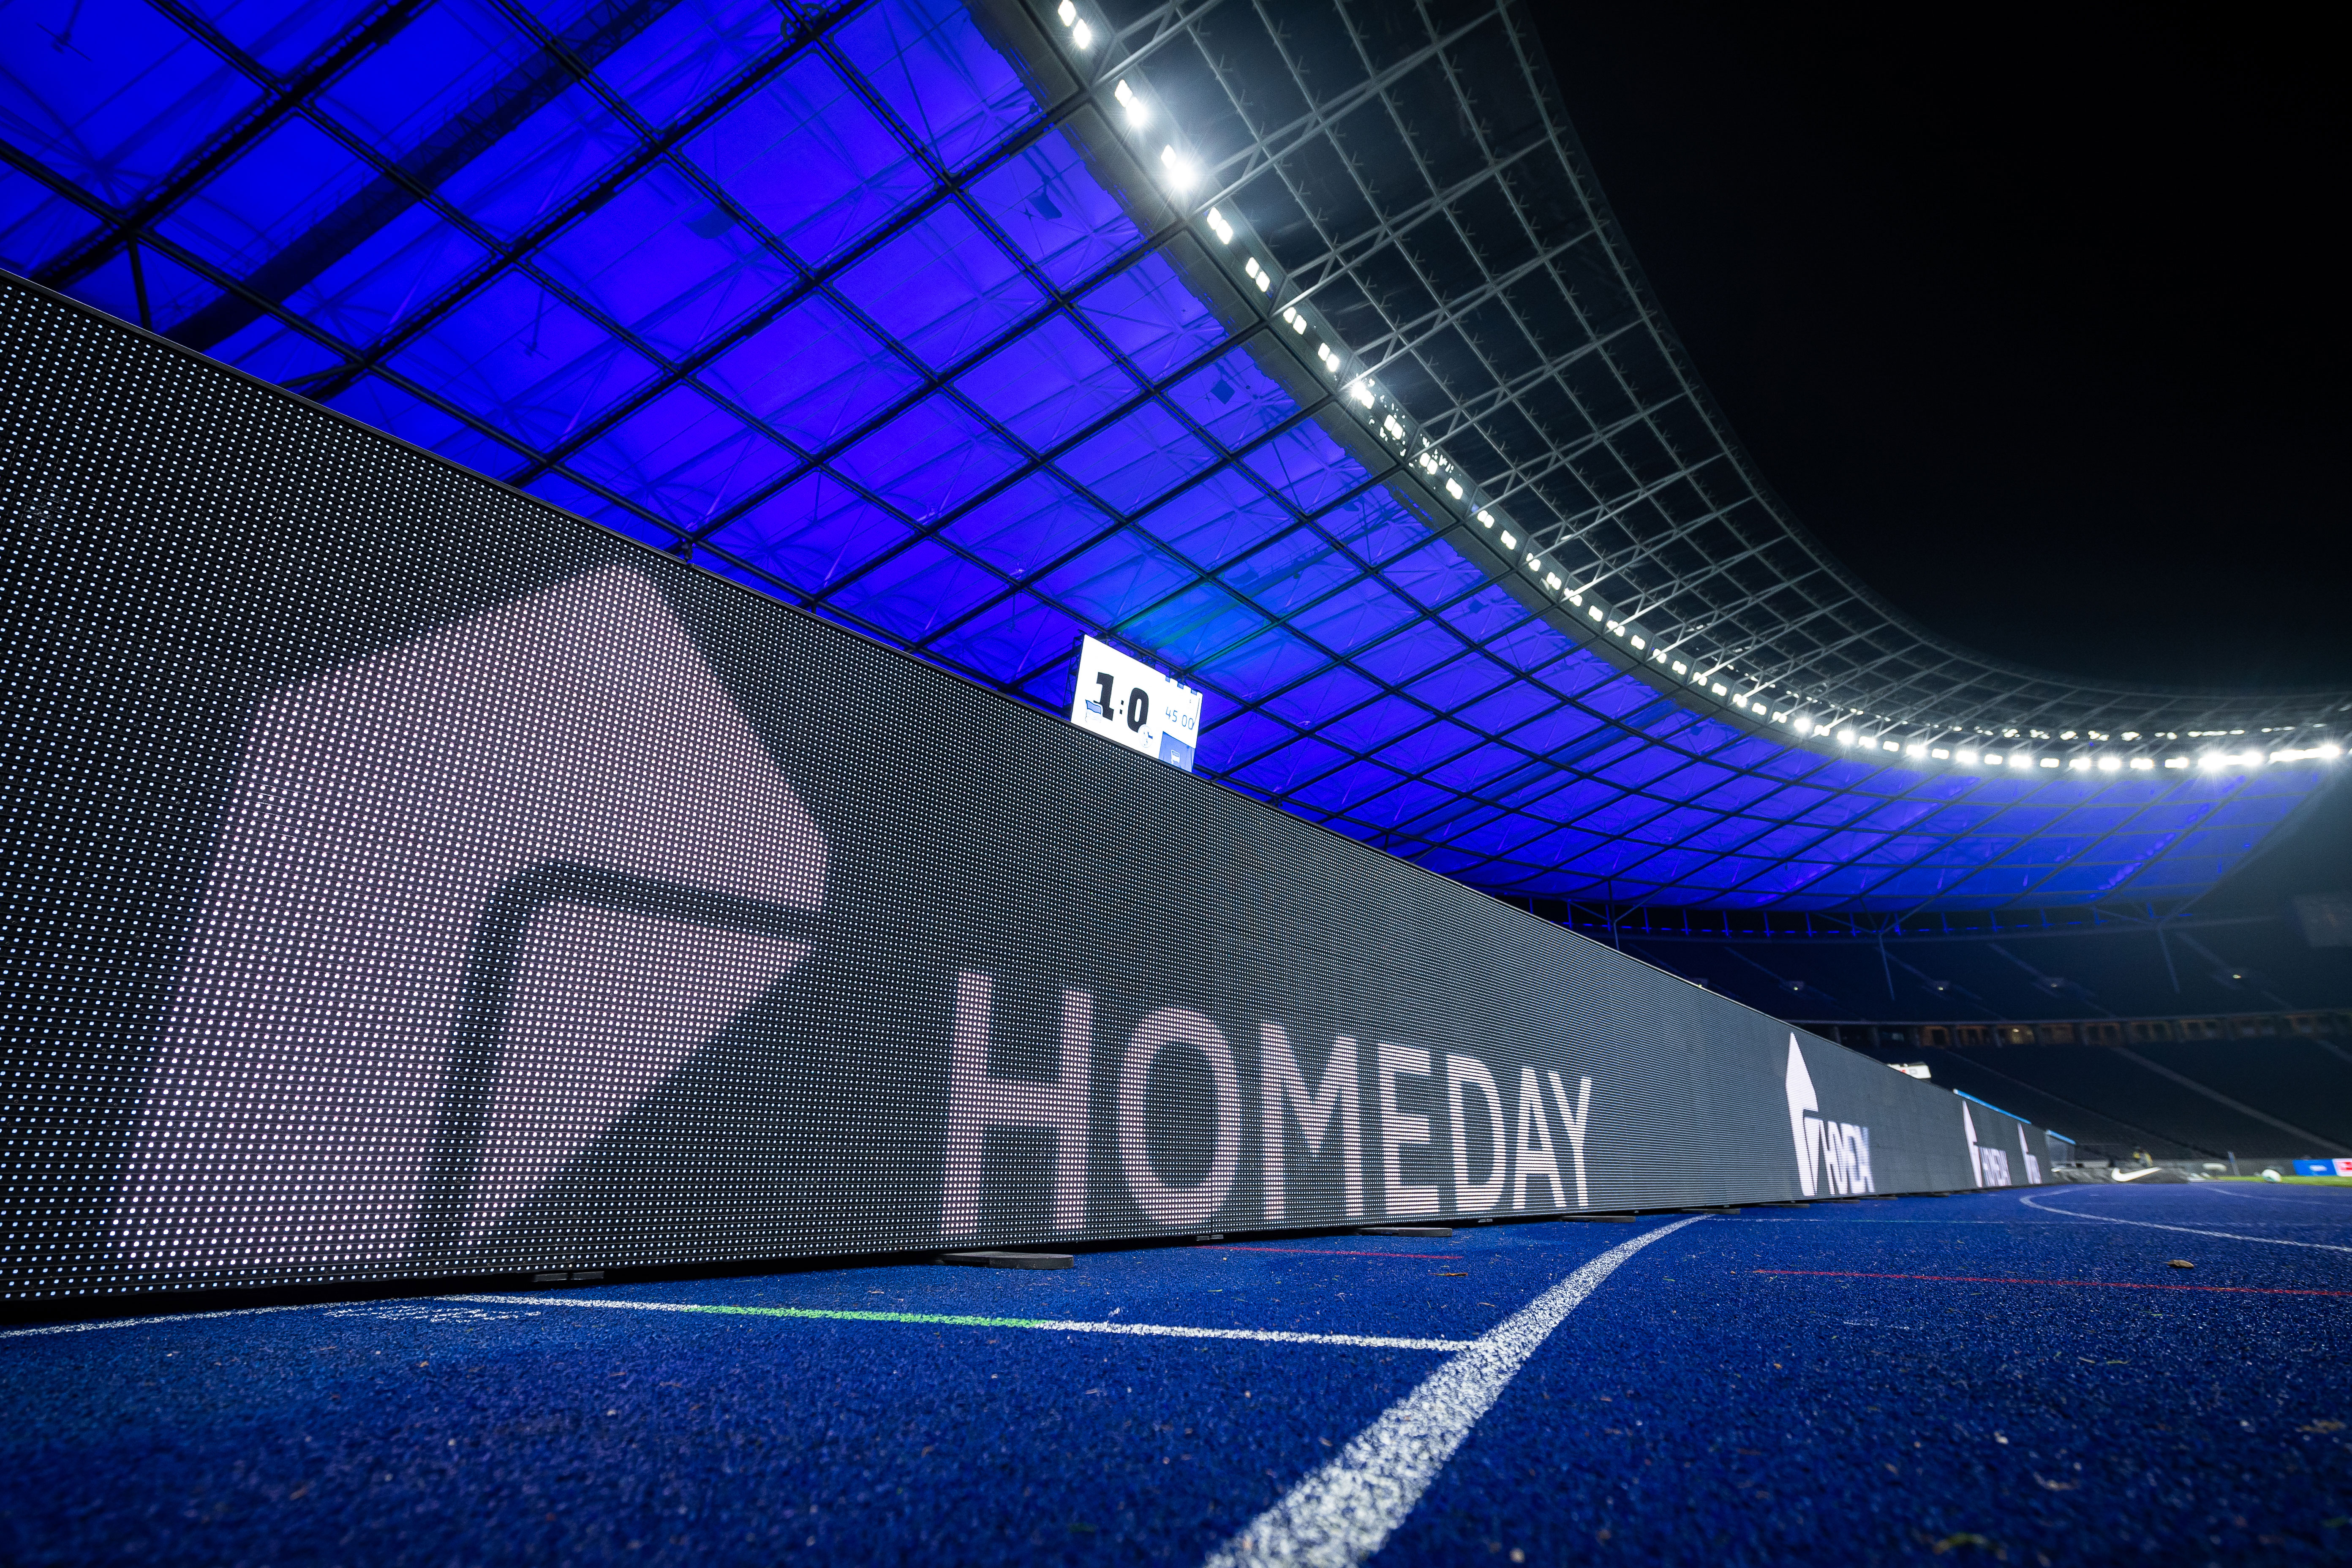 Publicidad de Homeday en nuestro estadio